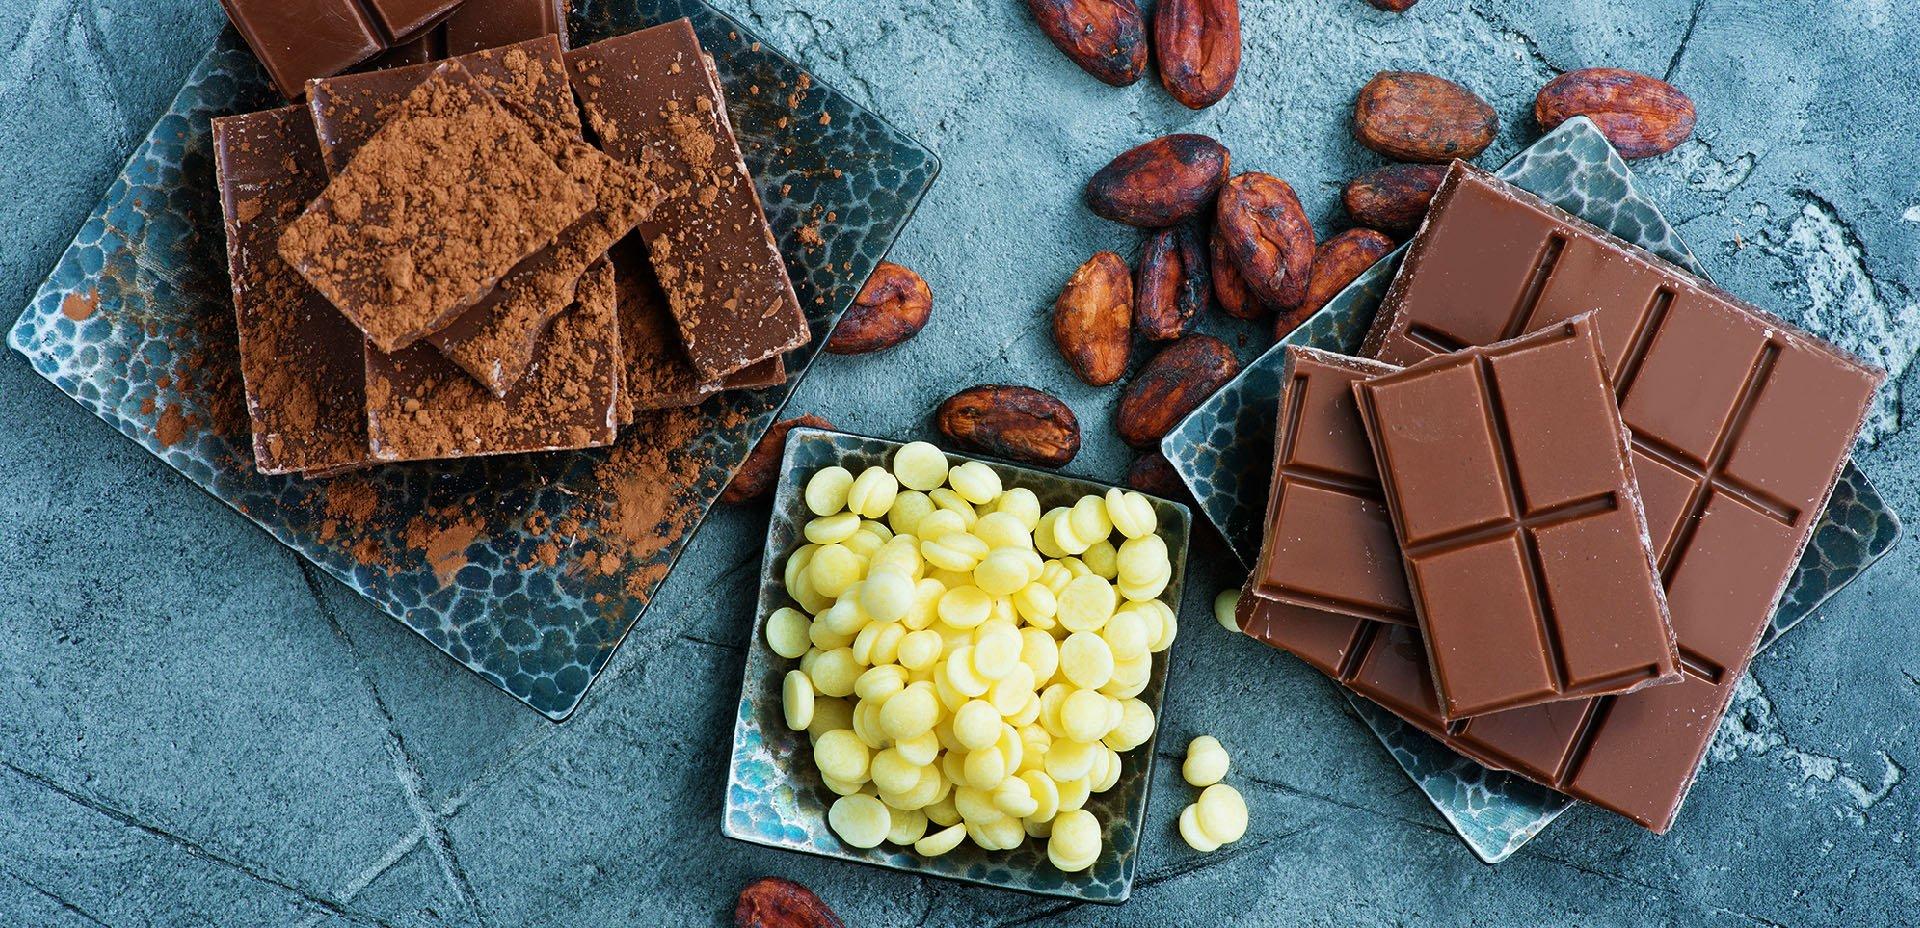 fave di cacao, burro di cacao, cioccolato